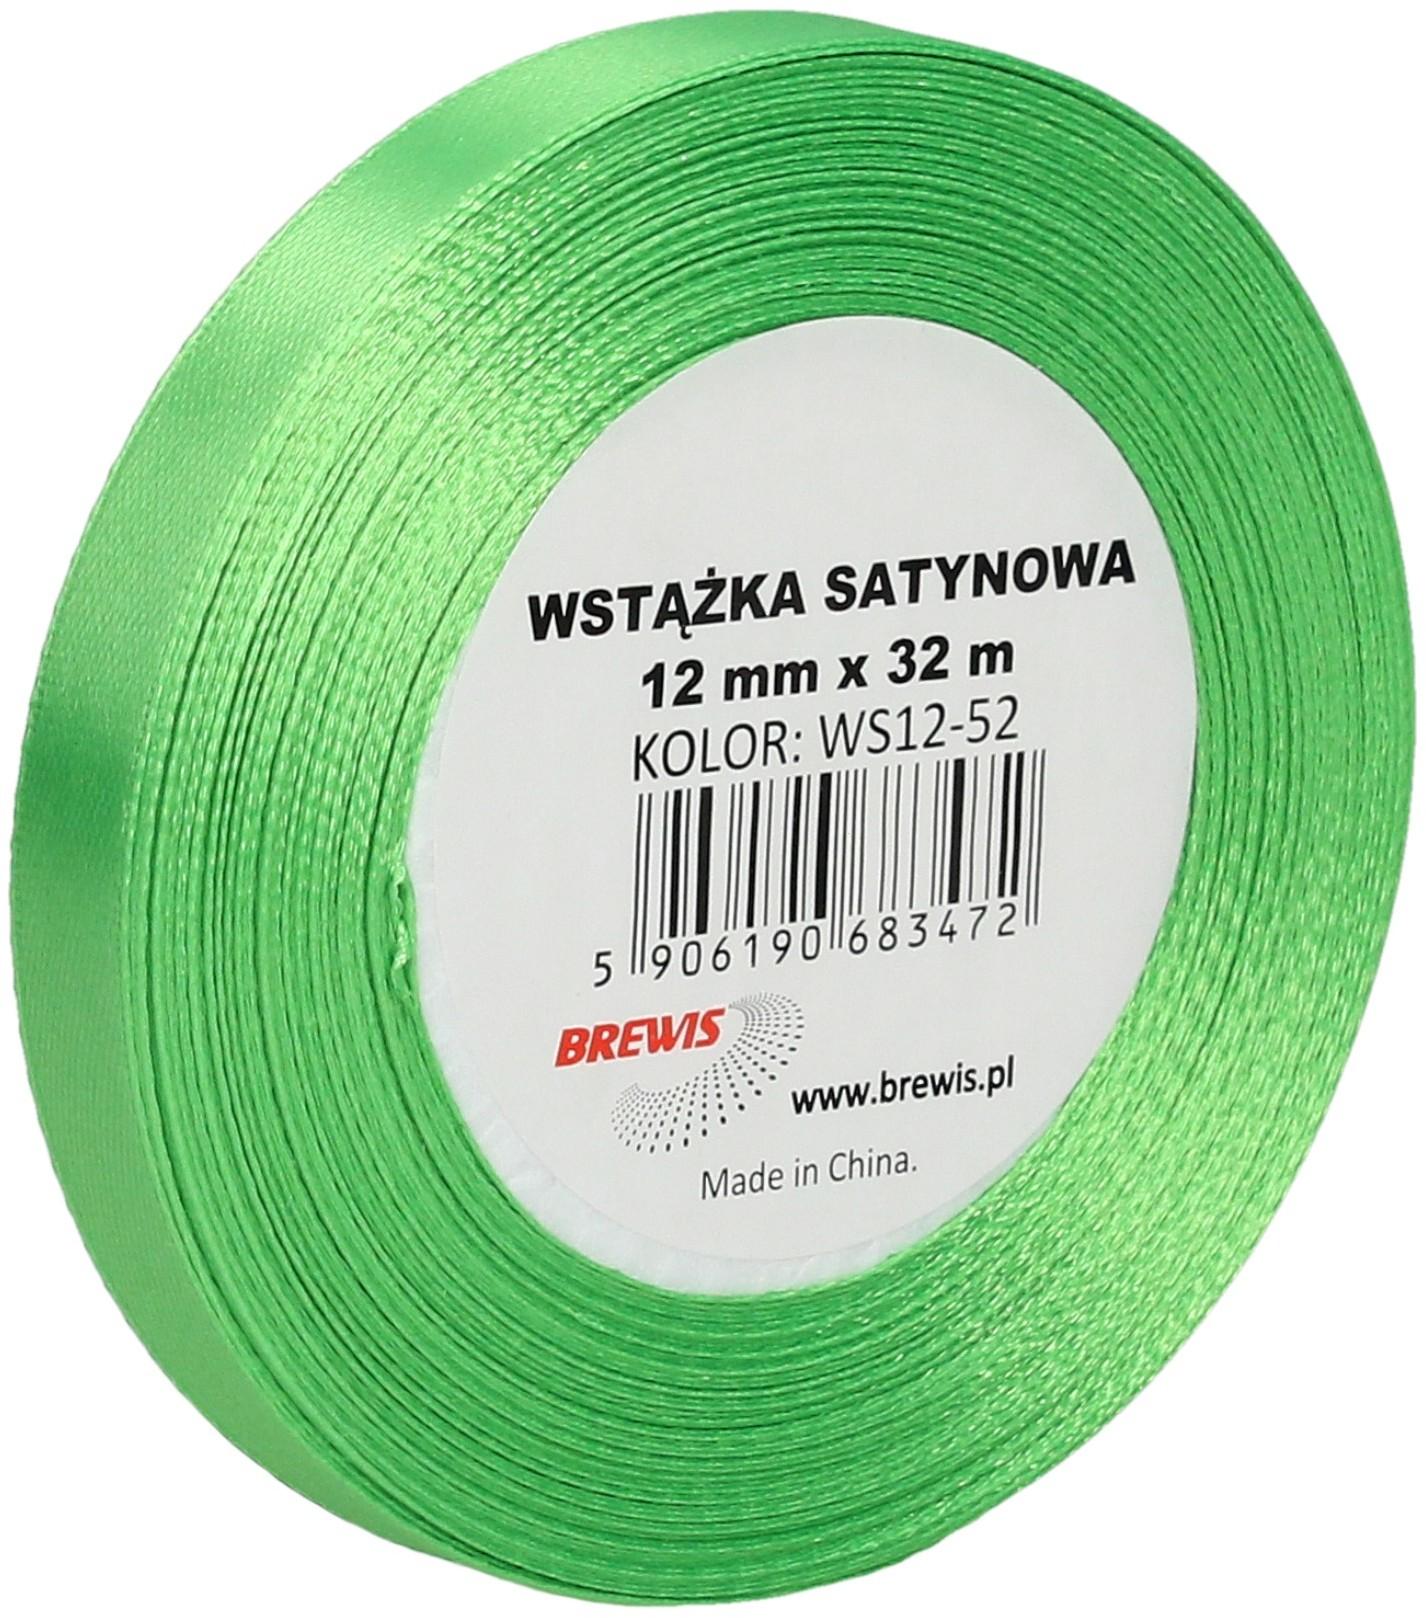 Brewis Wstążka dekoracyjna satynowa 12mm/32m zielona 52